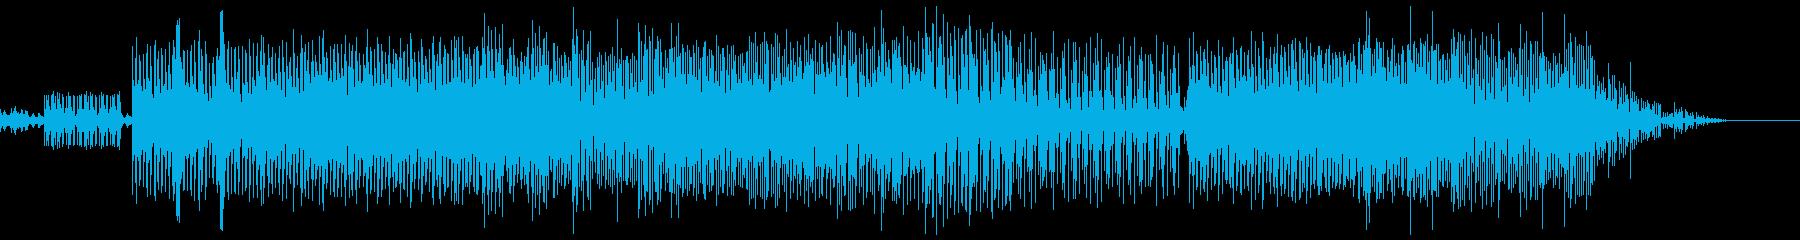 豊かで機械的な配信による催眠ポップ...の再生済みの波形